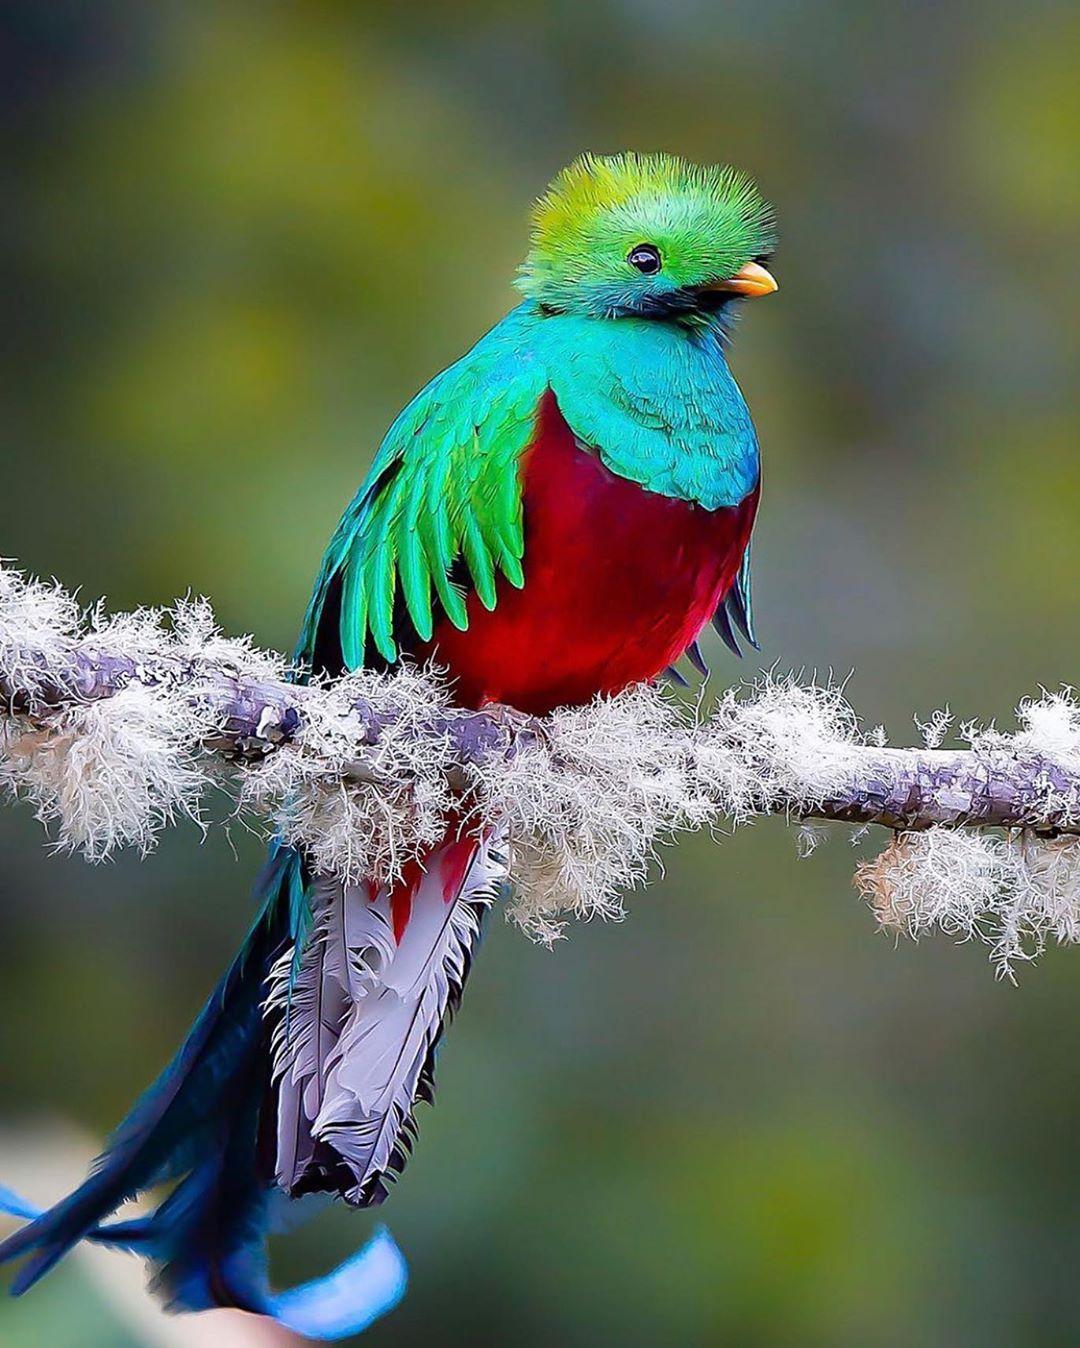 приснились красивые птицы яркие разных цветов можно нюхать